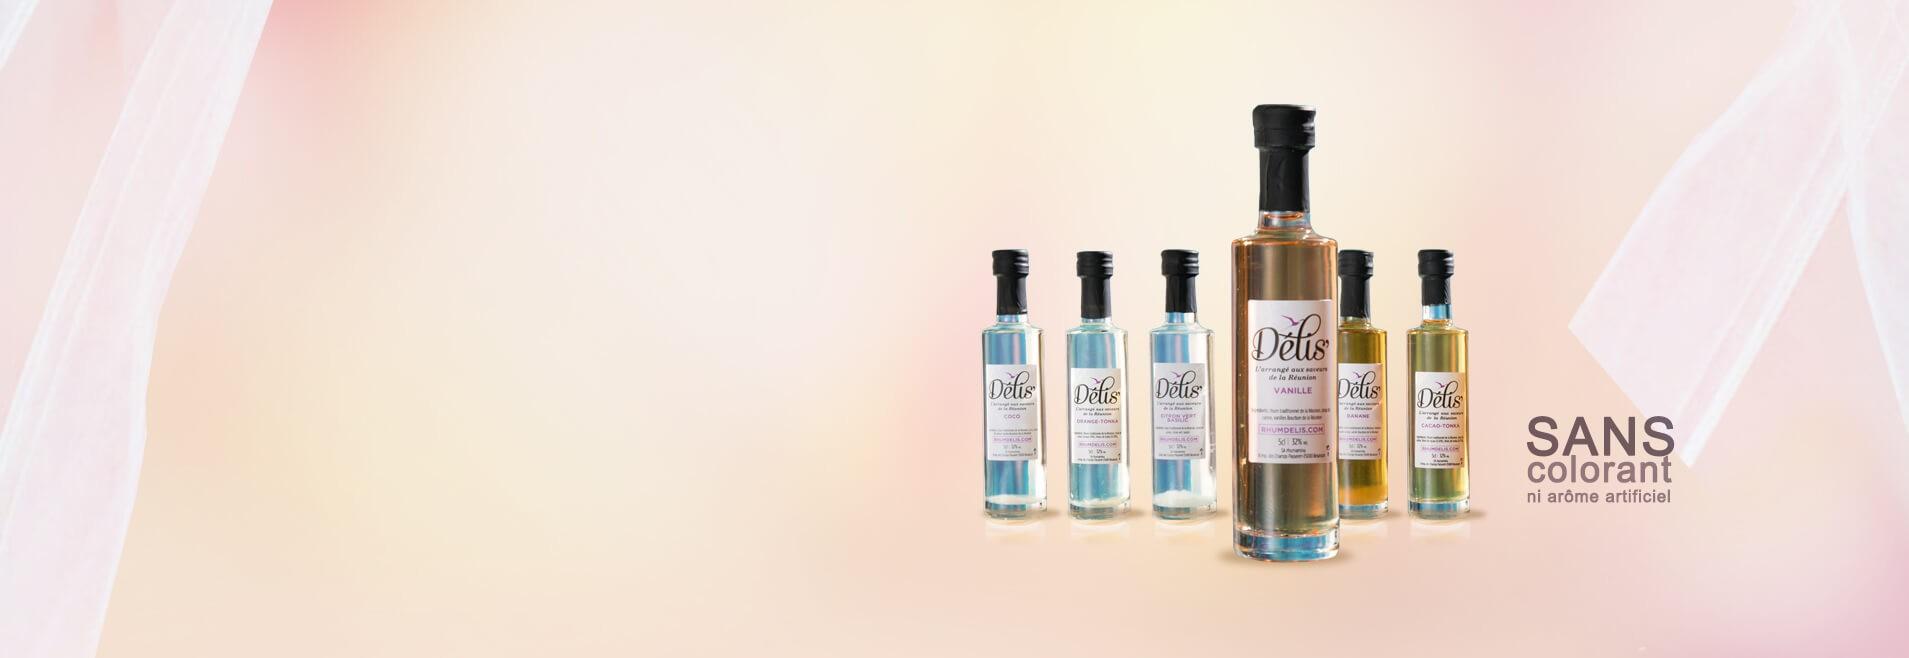 Mignonnettes de rhum arrangés en assortiment de 6 parfums